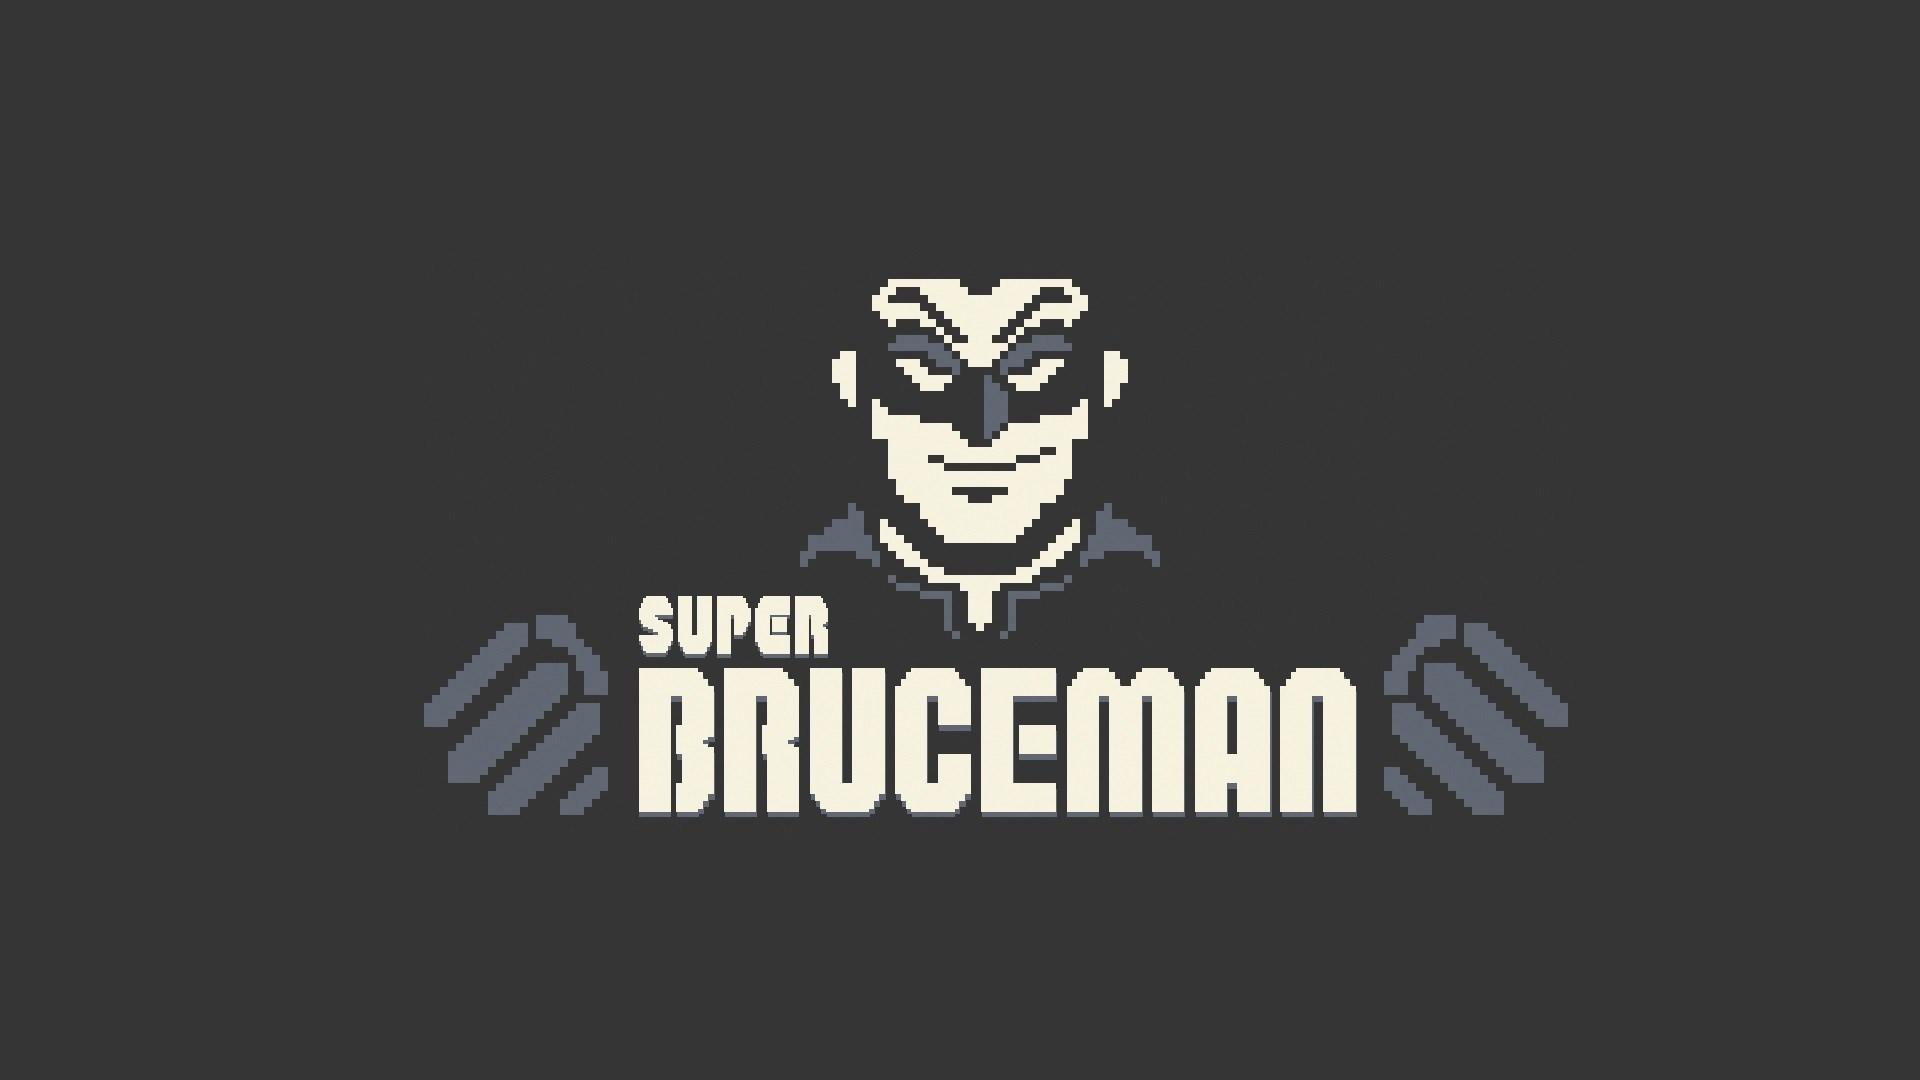 Super Bruceman Art HD Wallpaper